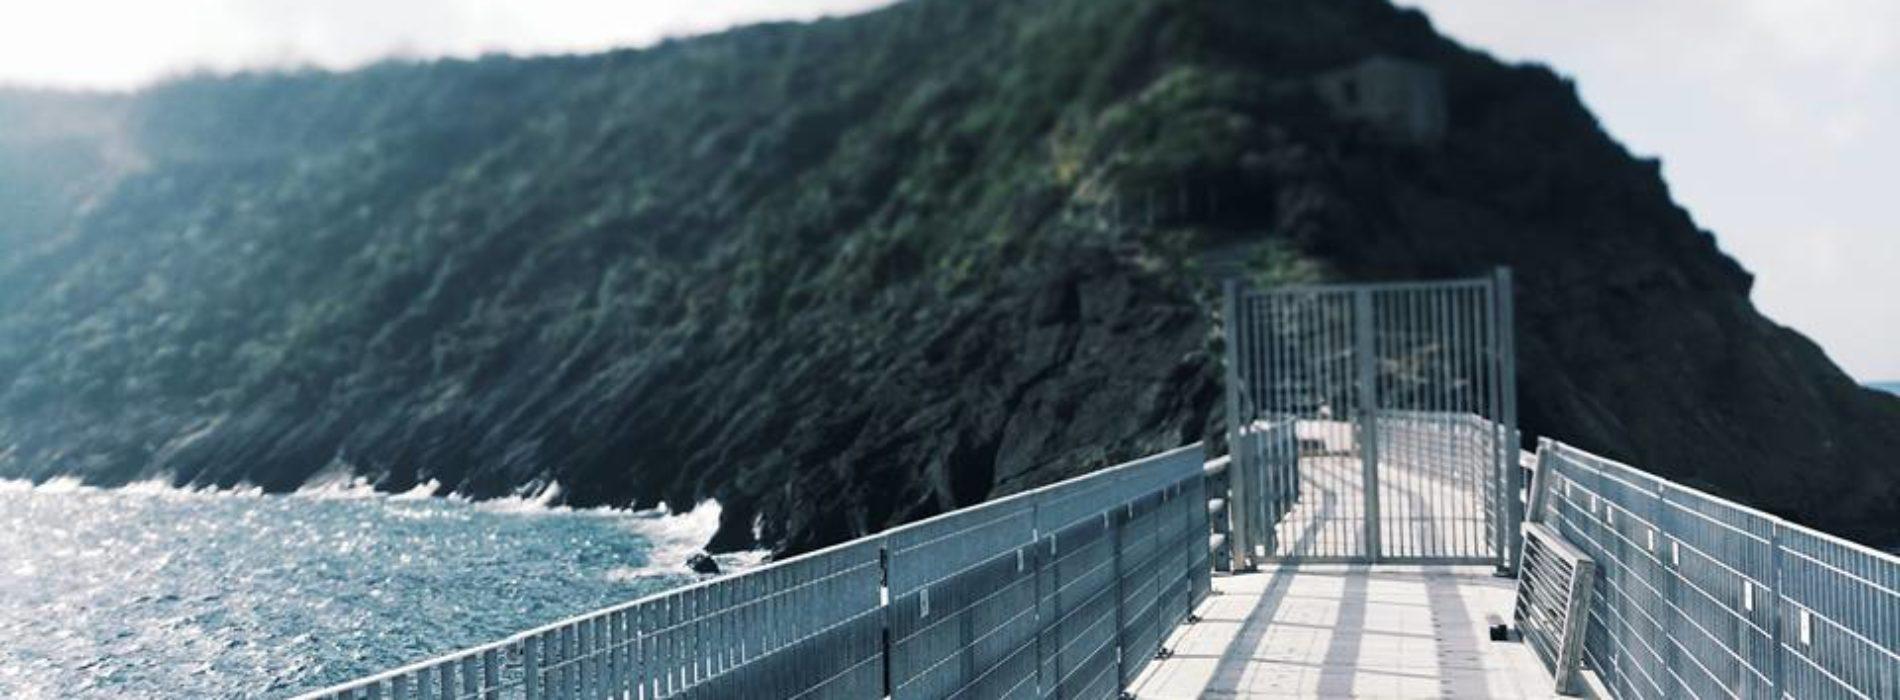 Vivara, buone notizie: il ponte sarà calpestabile entro l'estate 2017